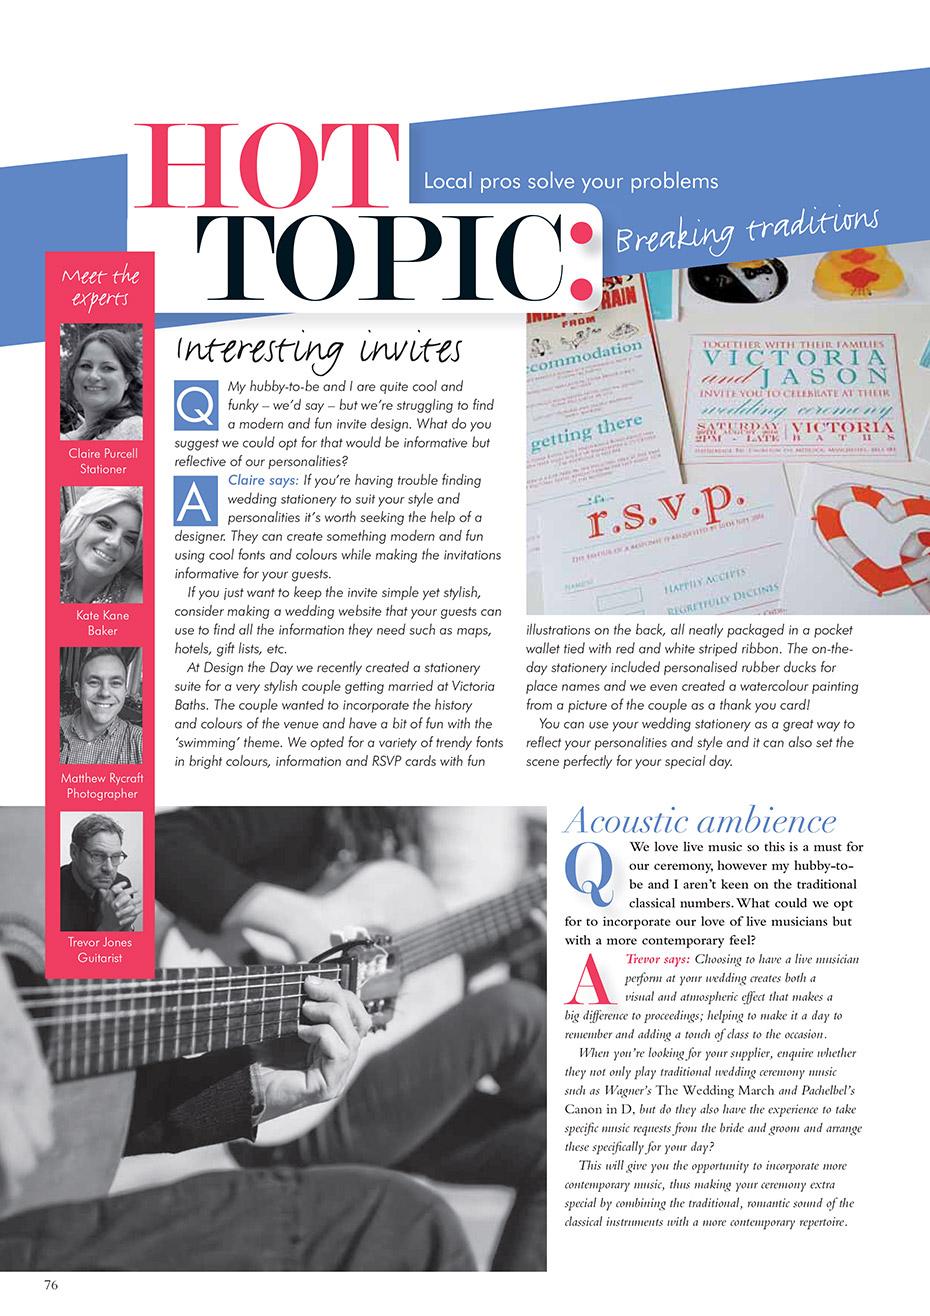 Matthew Rycraft Magazine Feature